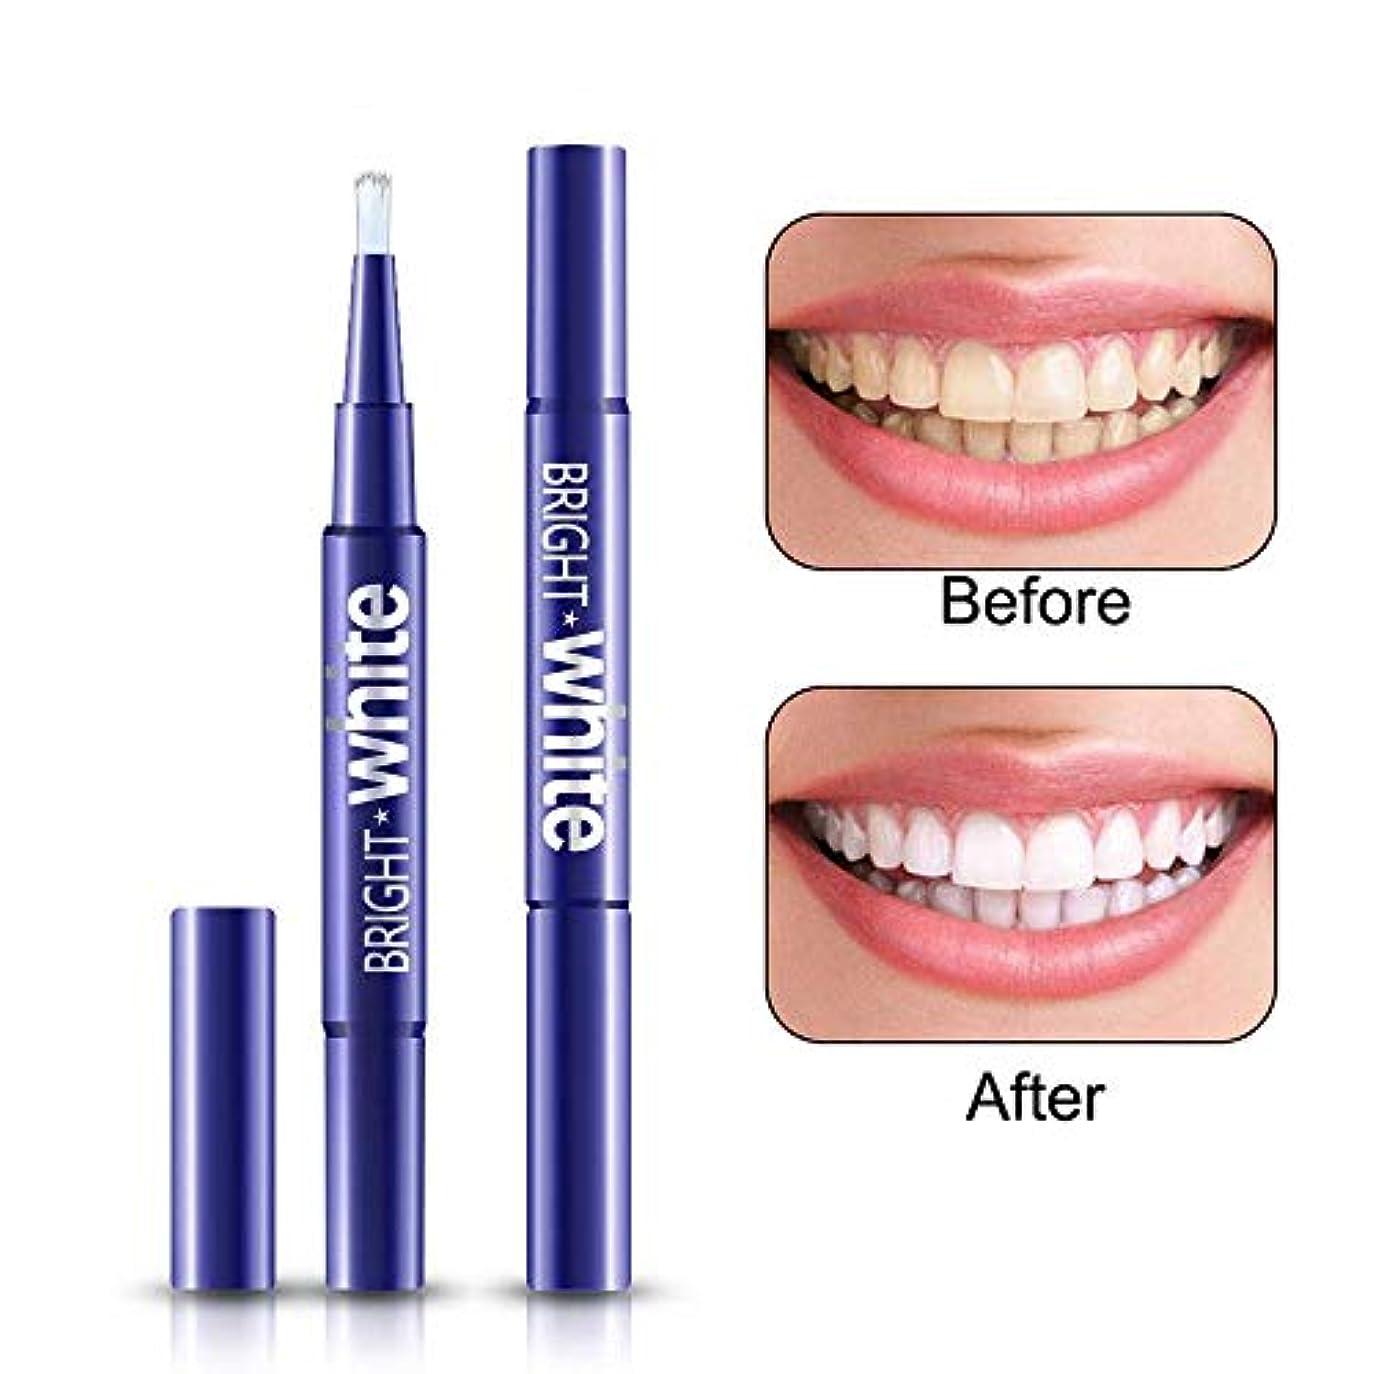 習字キャッシュ震えるTeeth Whitening Pen (3 Pack), Safe 35% Carbamide Peroxide Gel, 20+ Uses, Effective, Painless, No Sensitivity,...